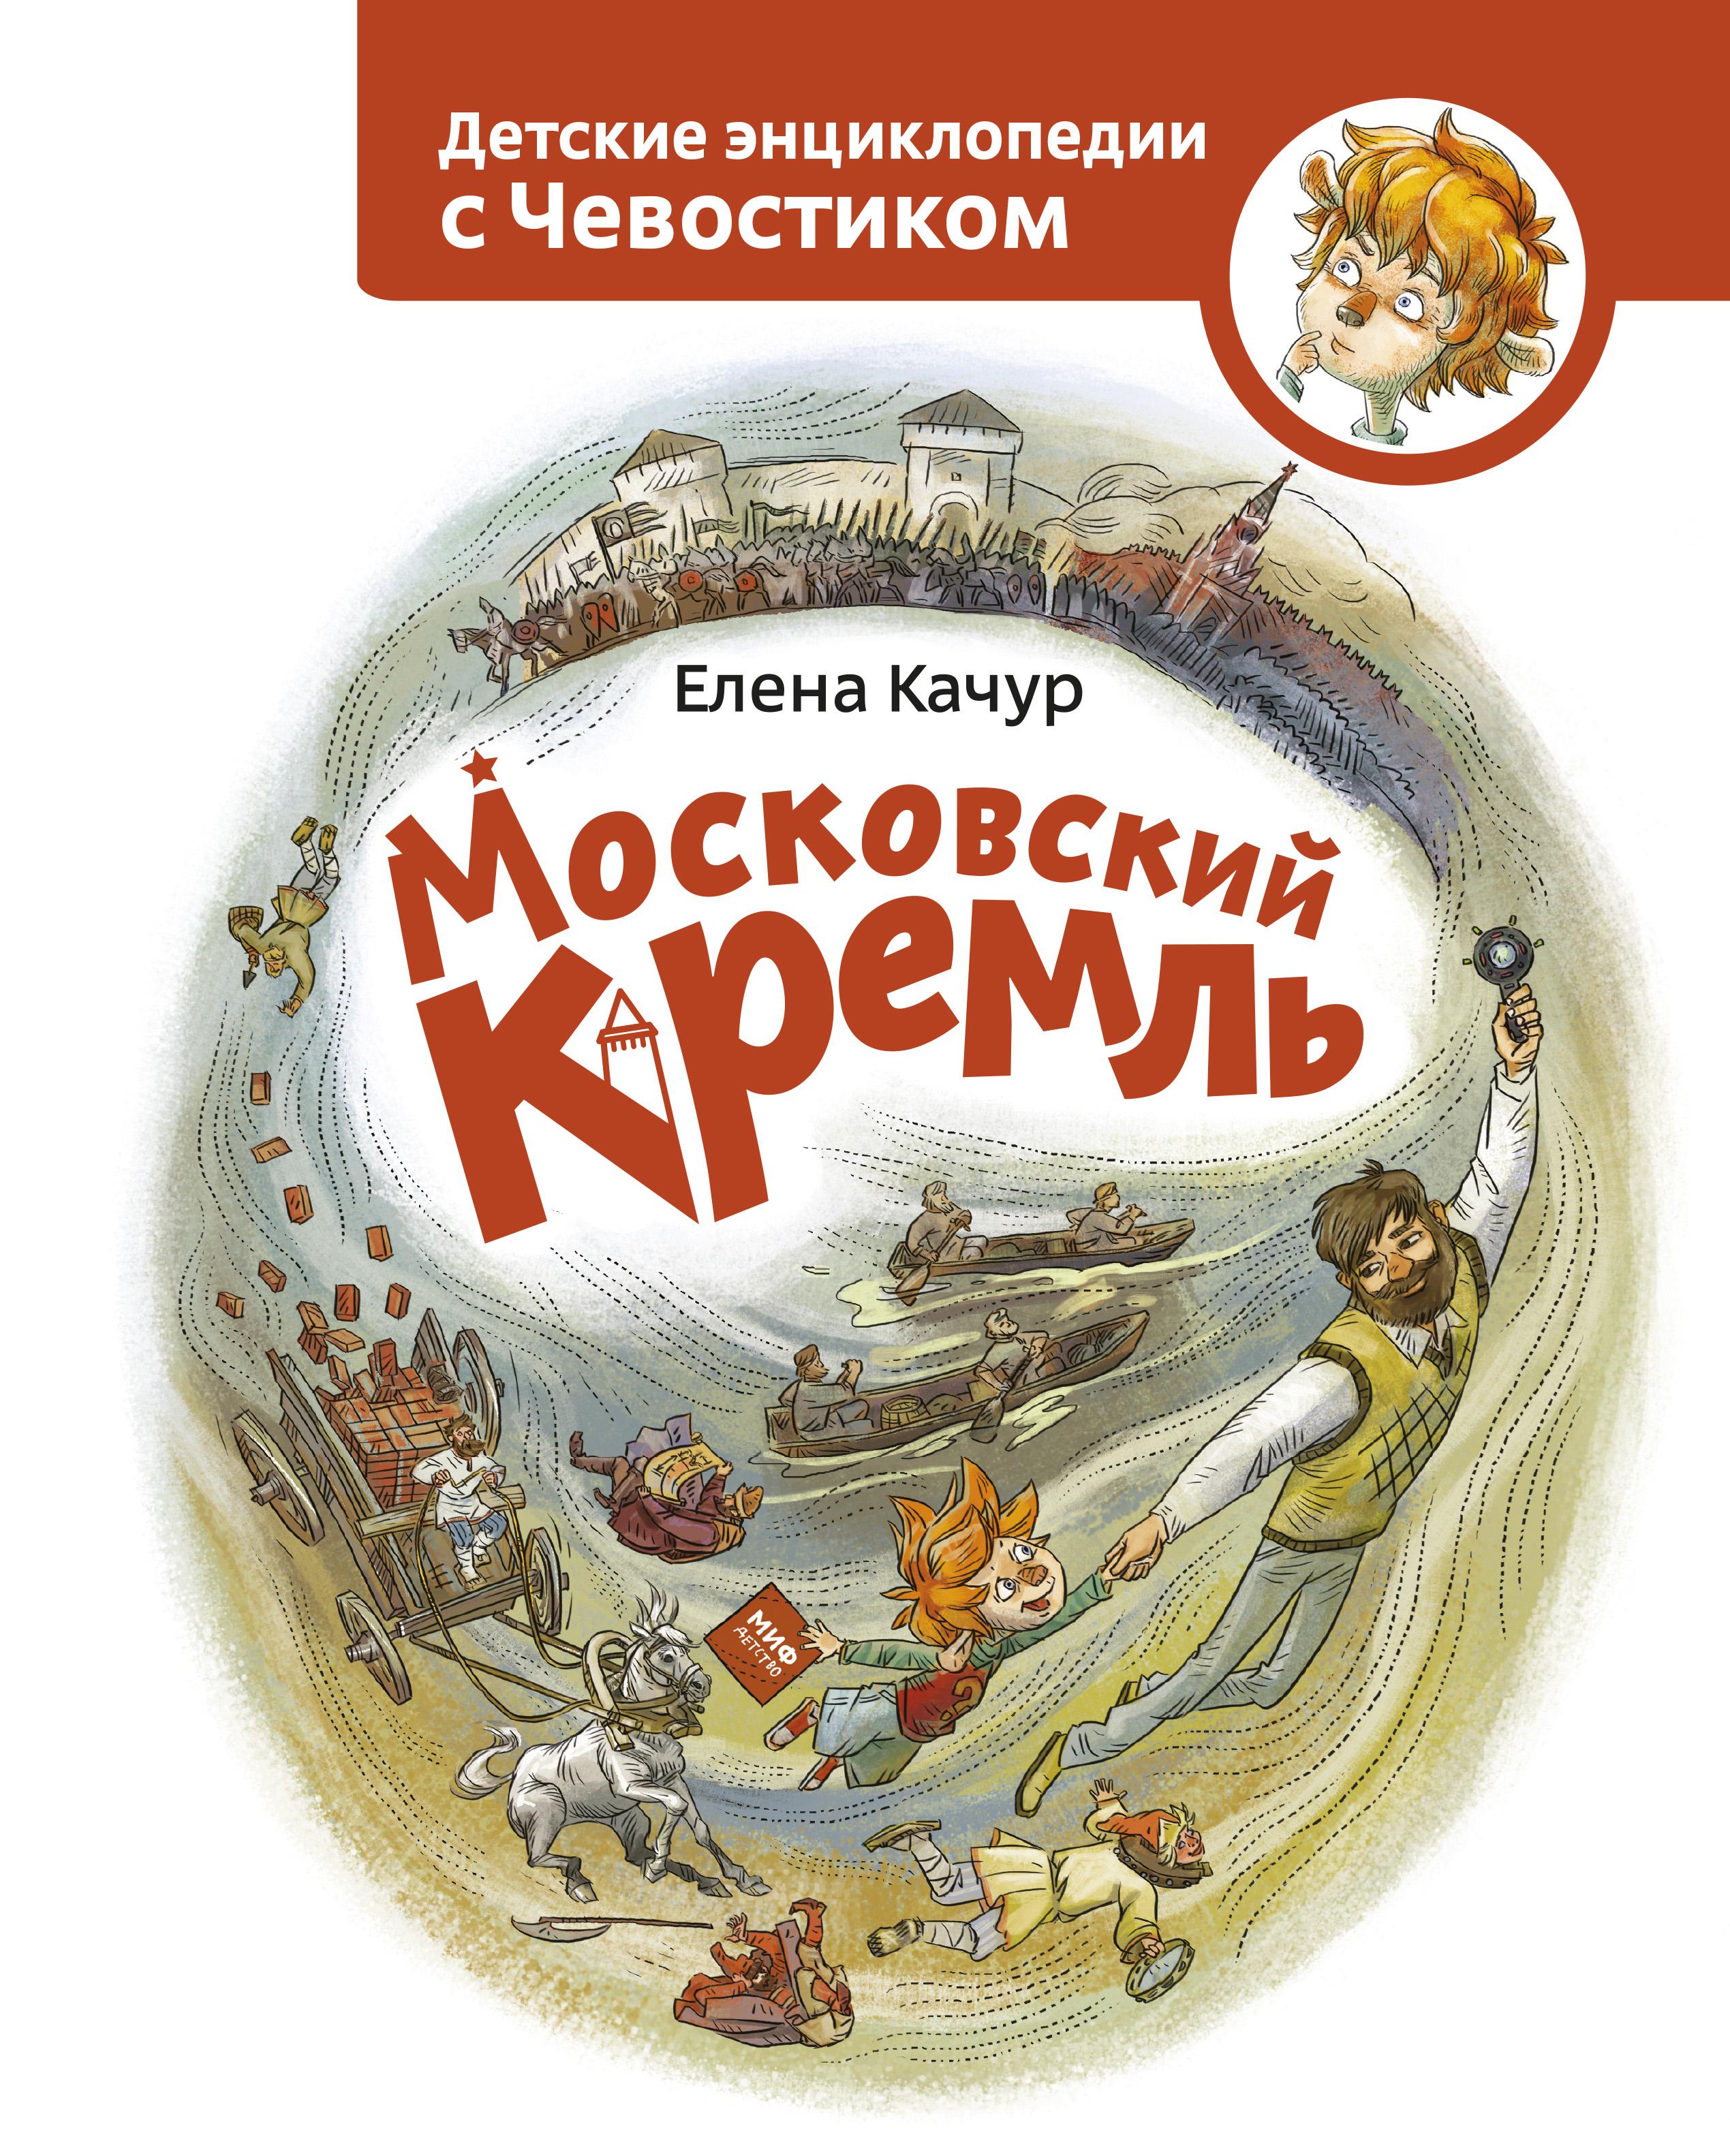 Московский Кремль ( Елена Качур. По мотивам произведения О. Жаховской (указываем на титуле)  )